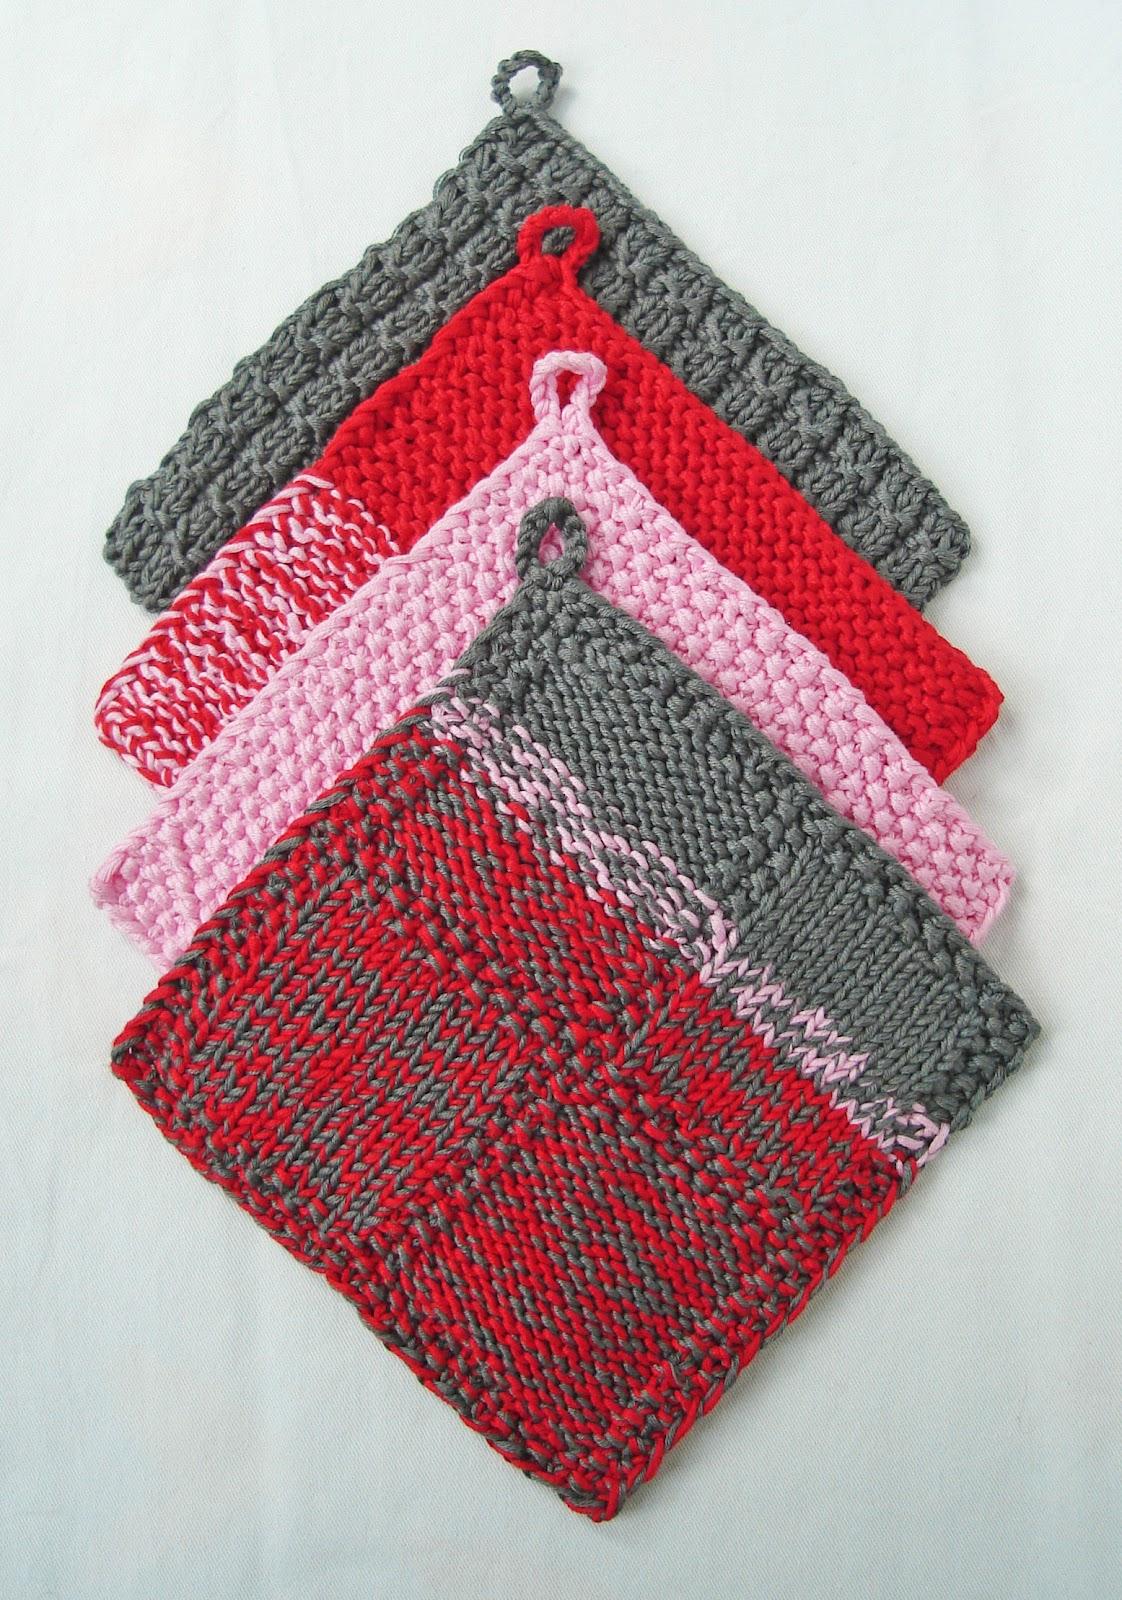 Handmadehandsome Handmade Items And Knitting Patterns Handgemaakte